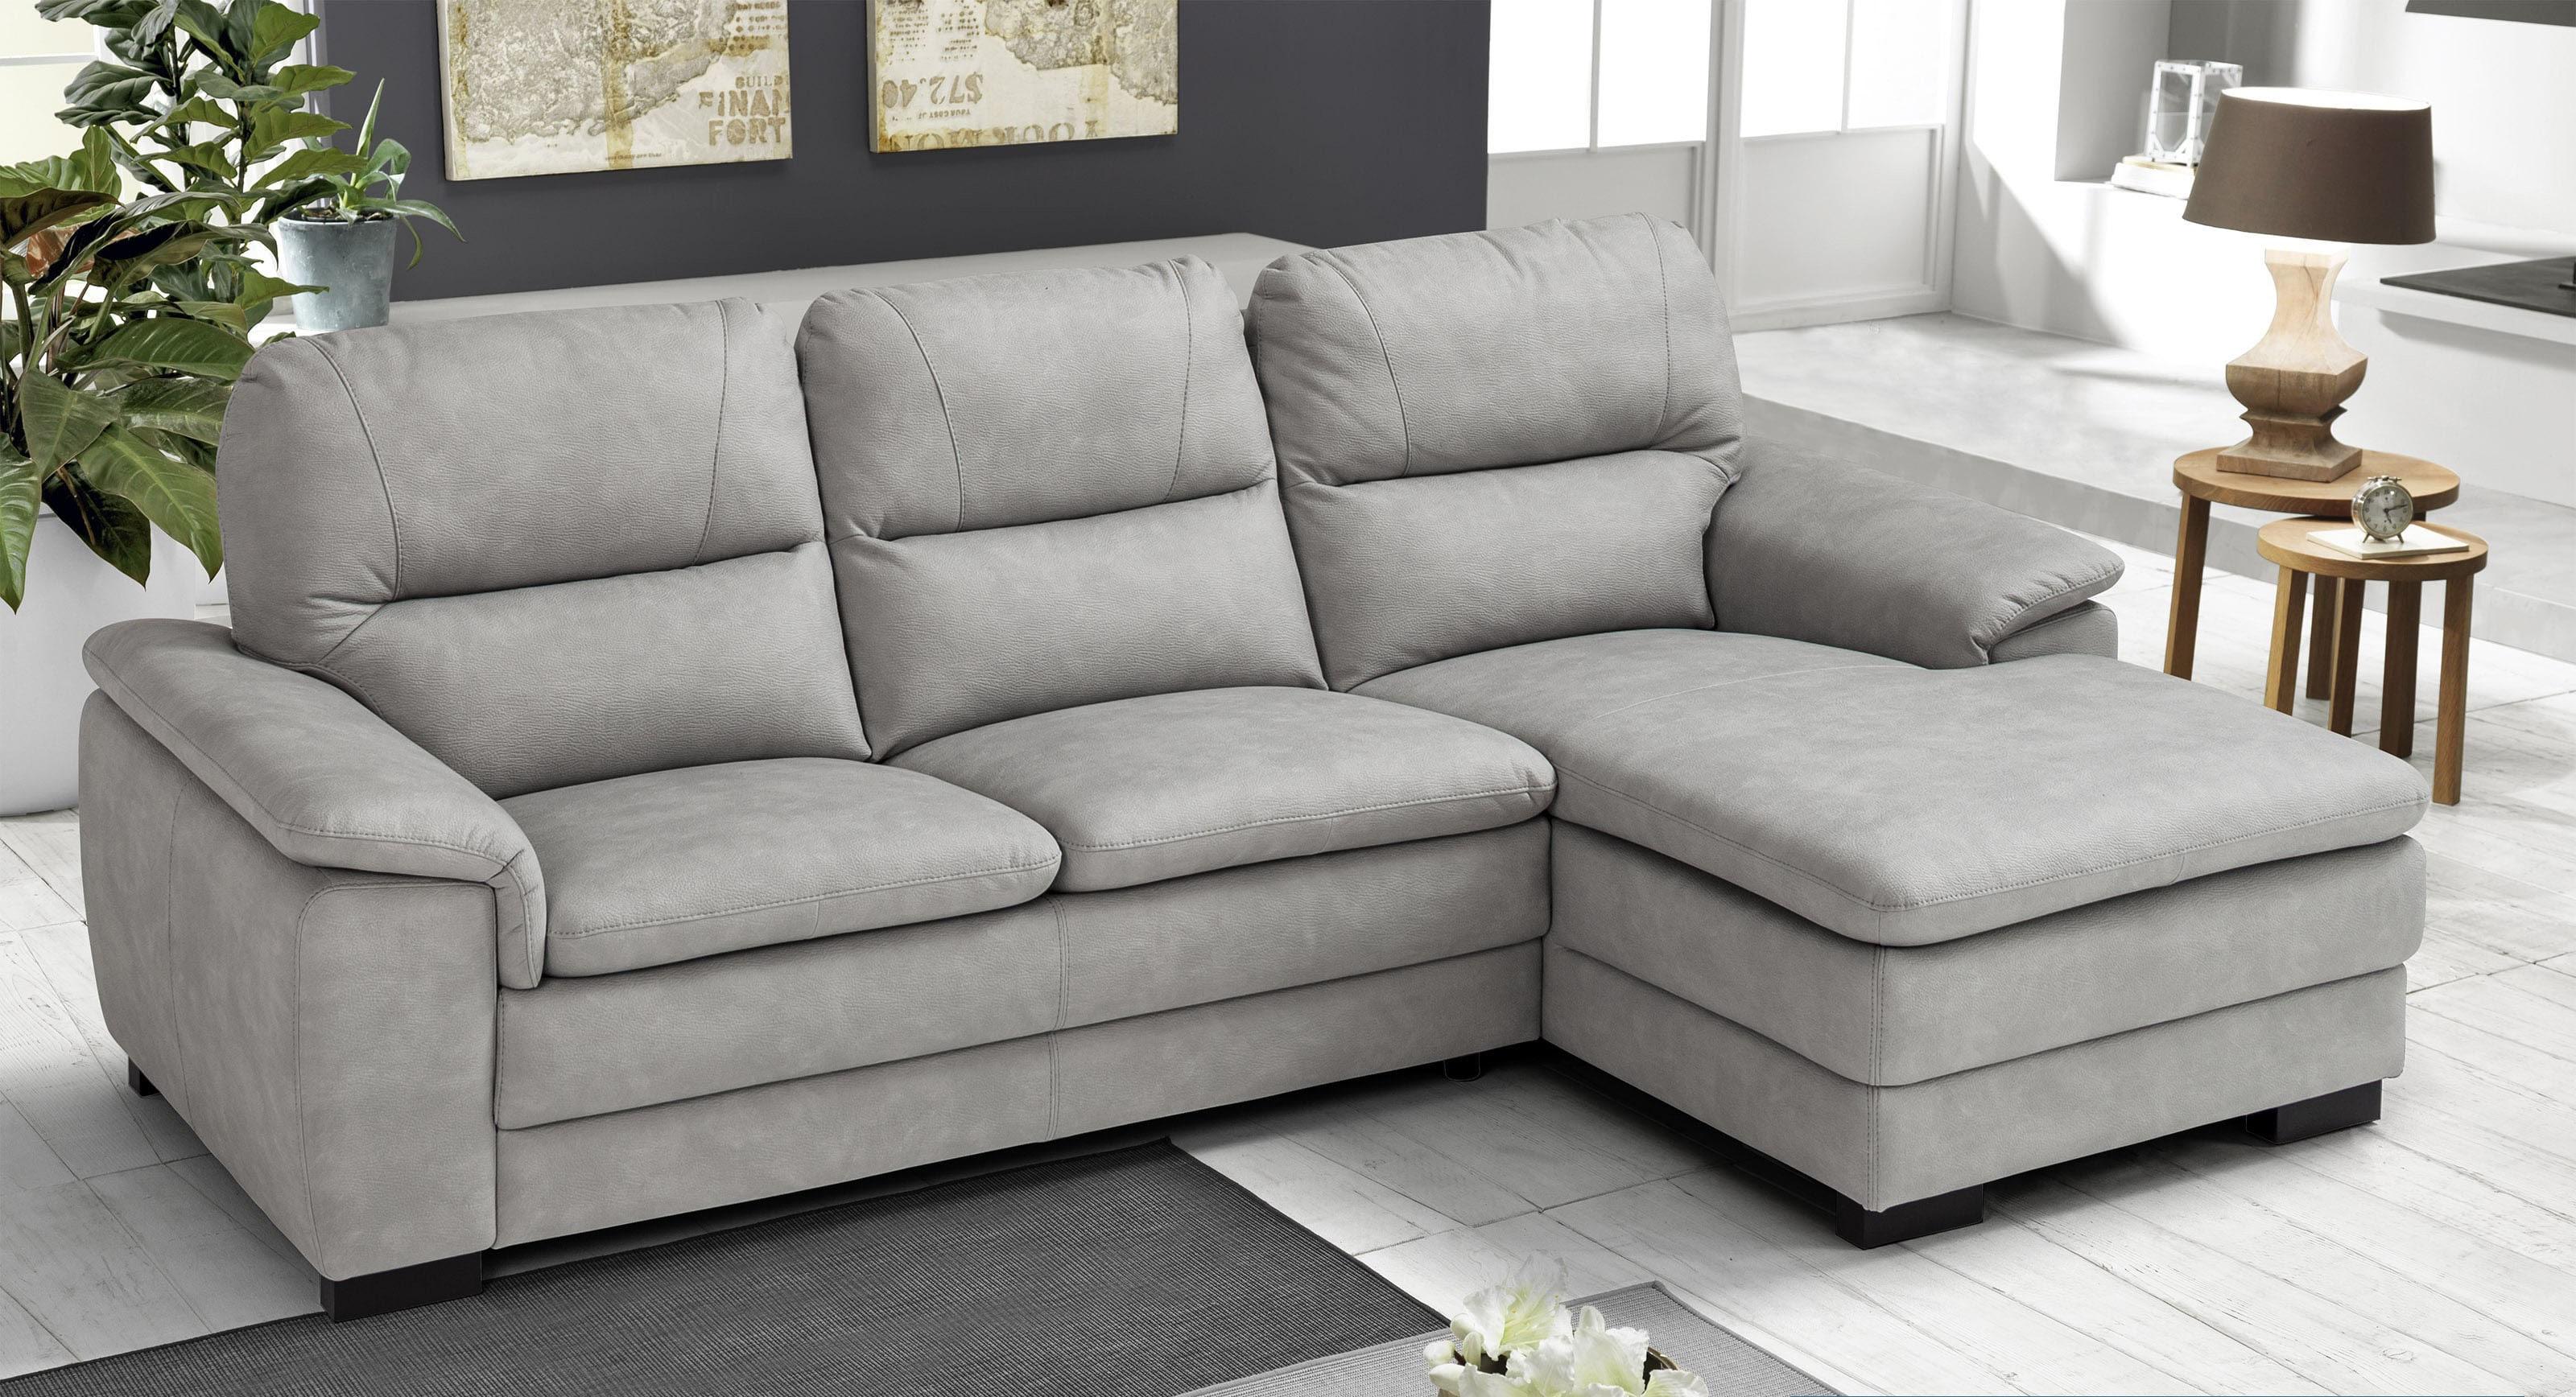 76 Gambar Kursi Sofa Sudut Gratis Terbaru